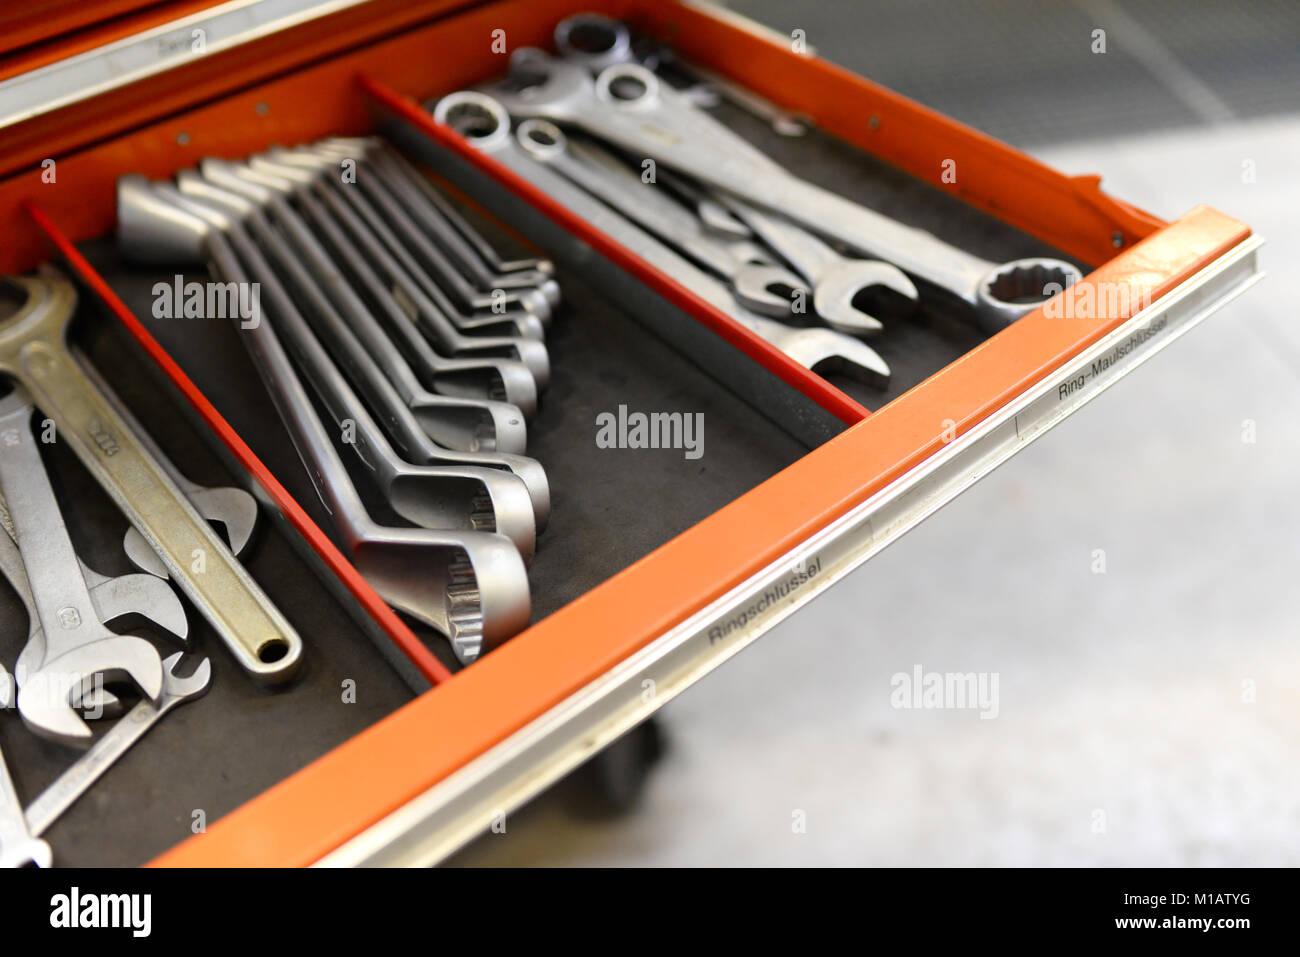 Schublade mit mechanischen Werkzeugen in einer Werkstatt für Reparatur und Montage Stockbild